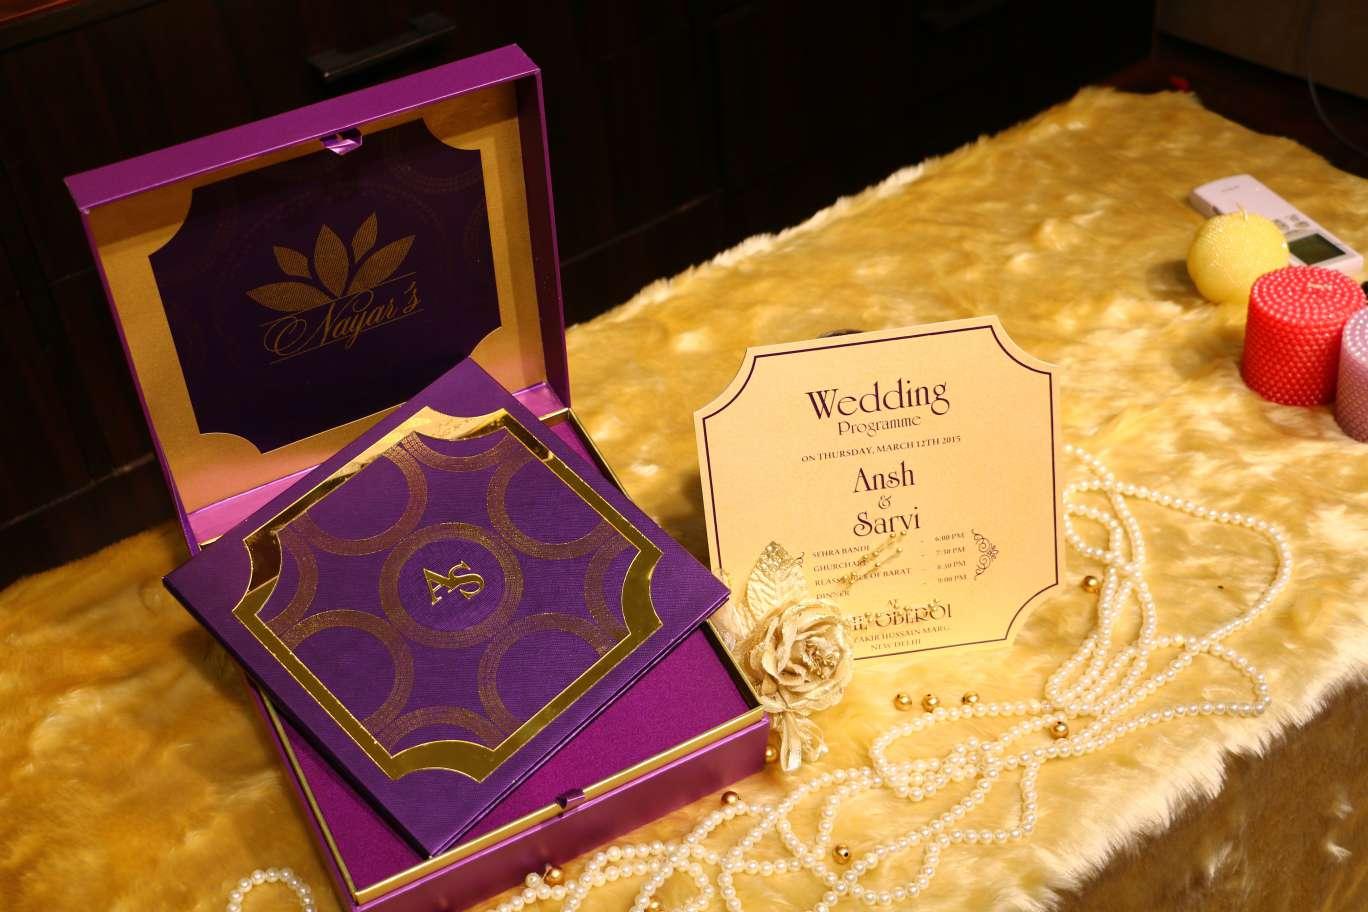 Приглашение на свадьбу в коробочке